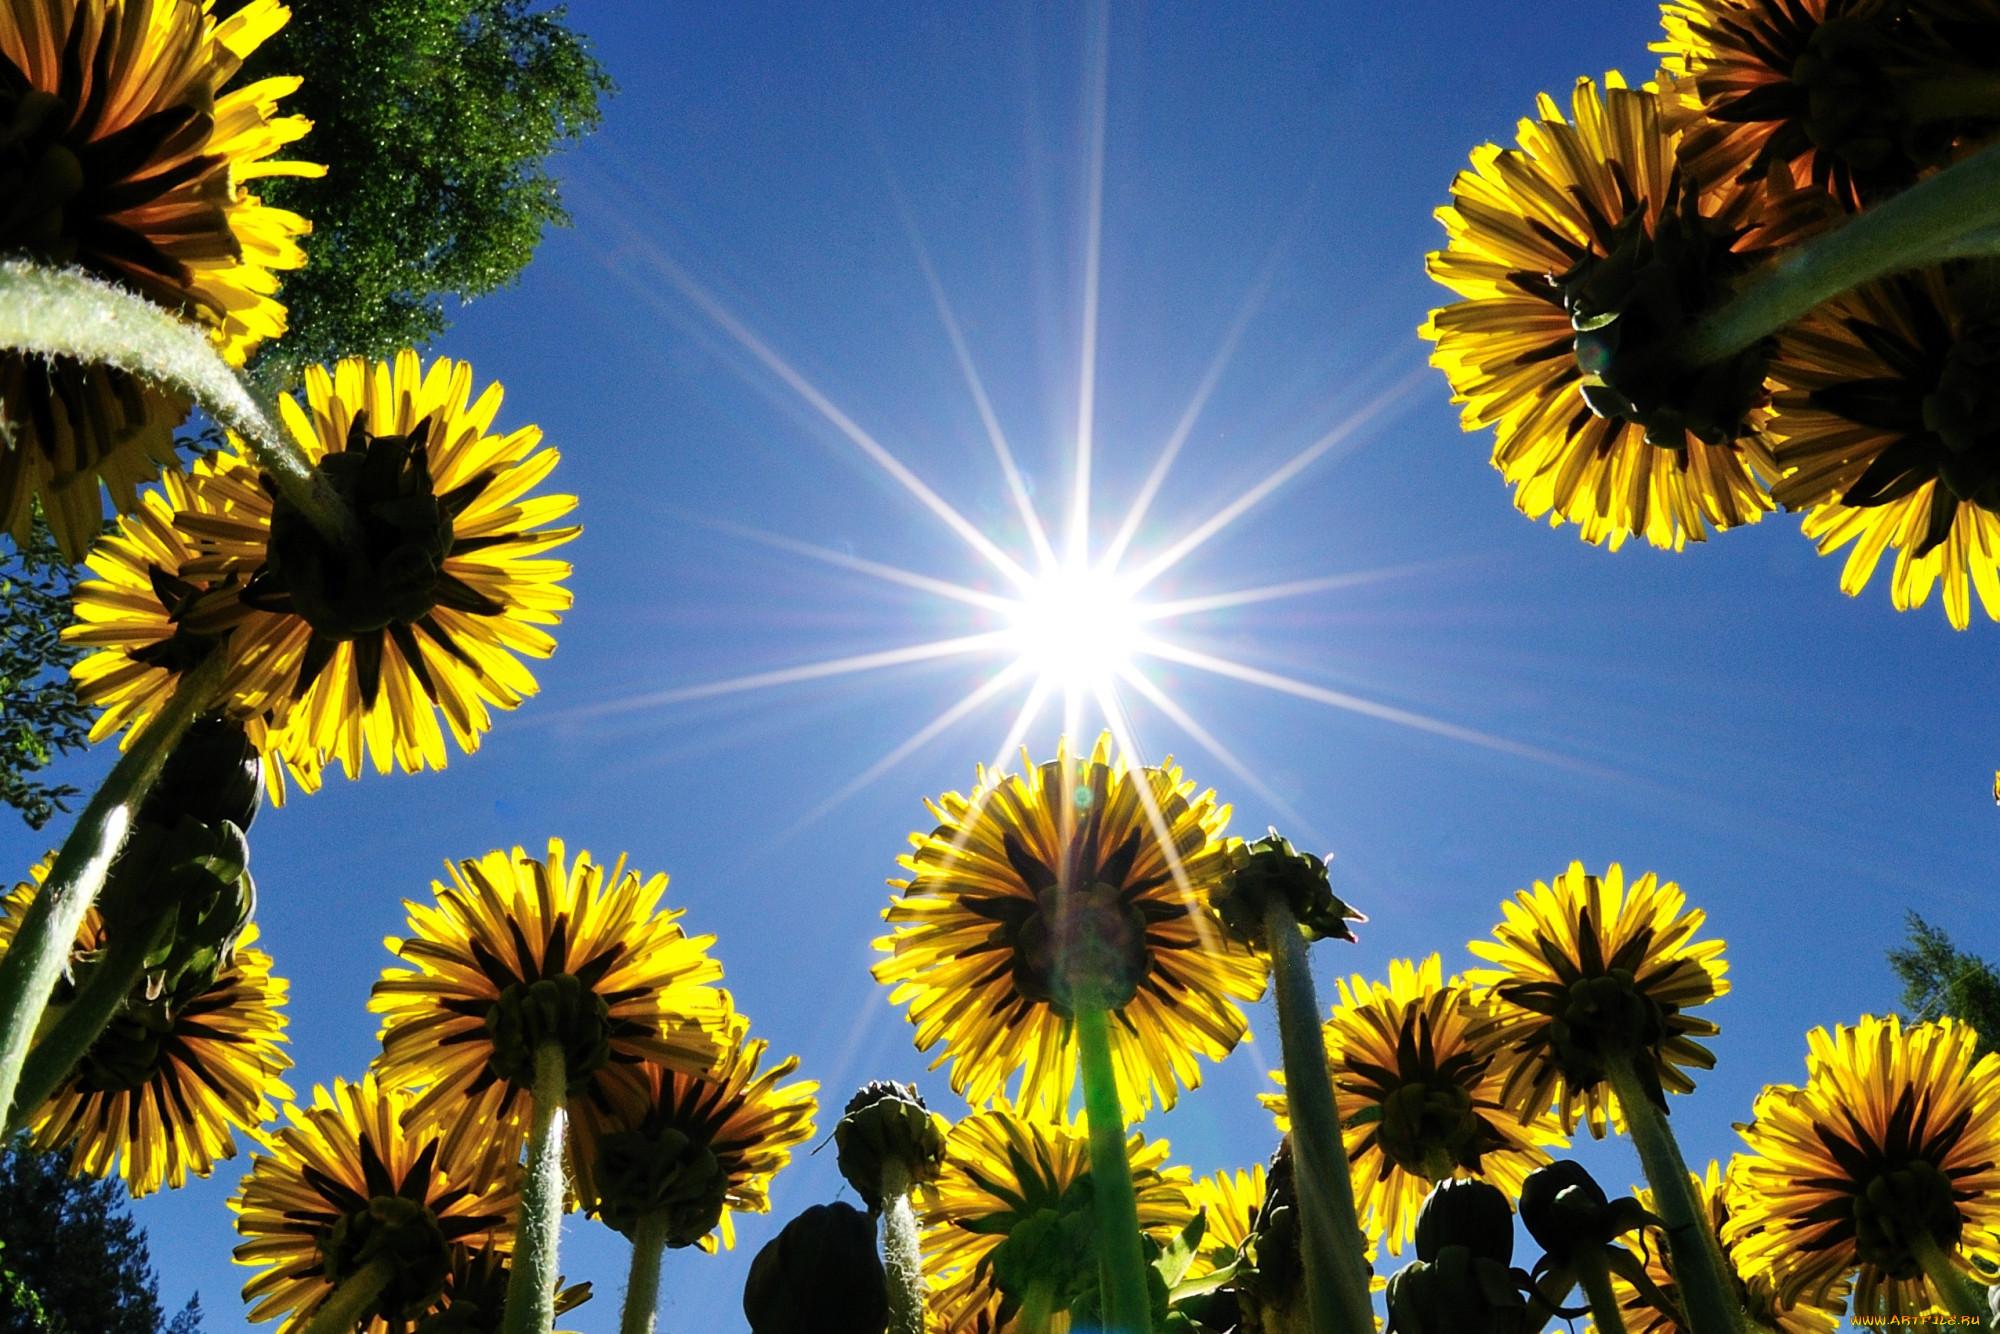 фото лето цветы и солнце выставочных собак